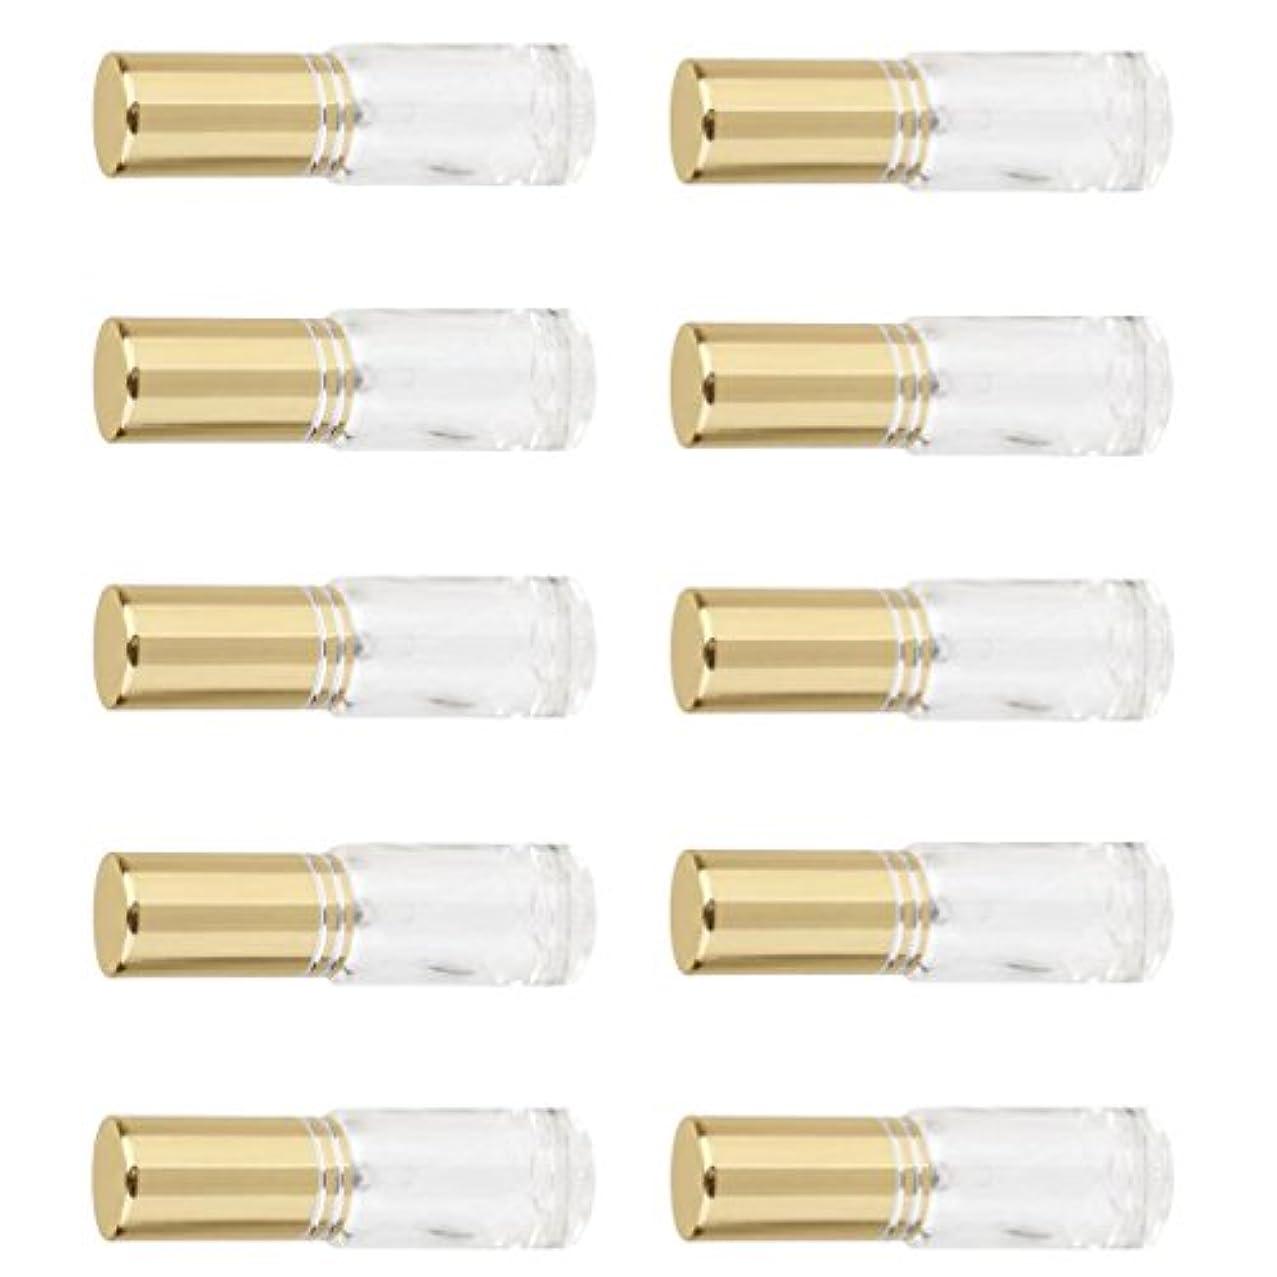 再生的意識的印象的な詰め替え可能 男女兼用 香水瓶 容器 ミニ ガラス 香水 アトマイザー ポンプ スプレー 10個入り